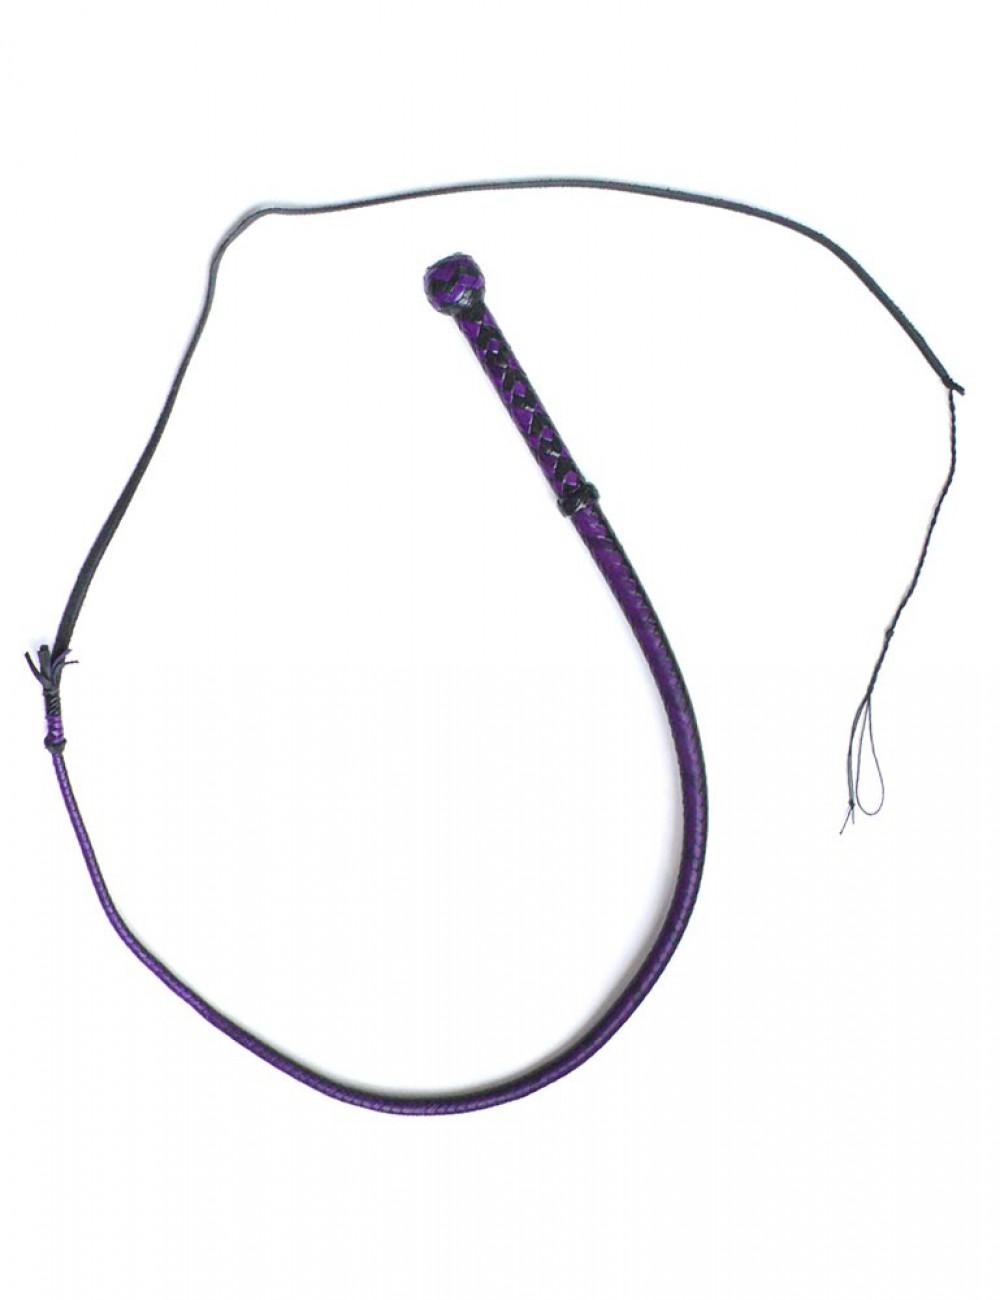 3' Mini Bull Whip, 12 plait, Black/Purple